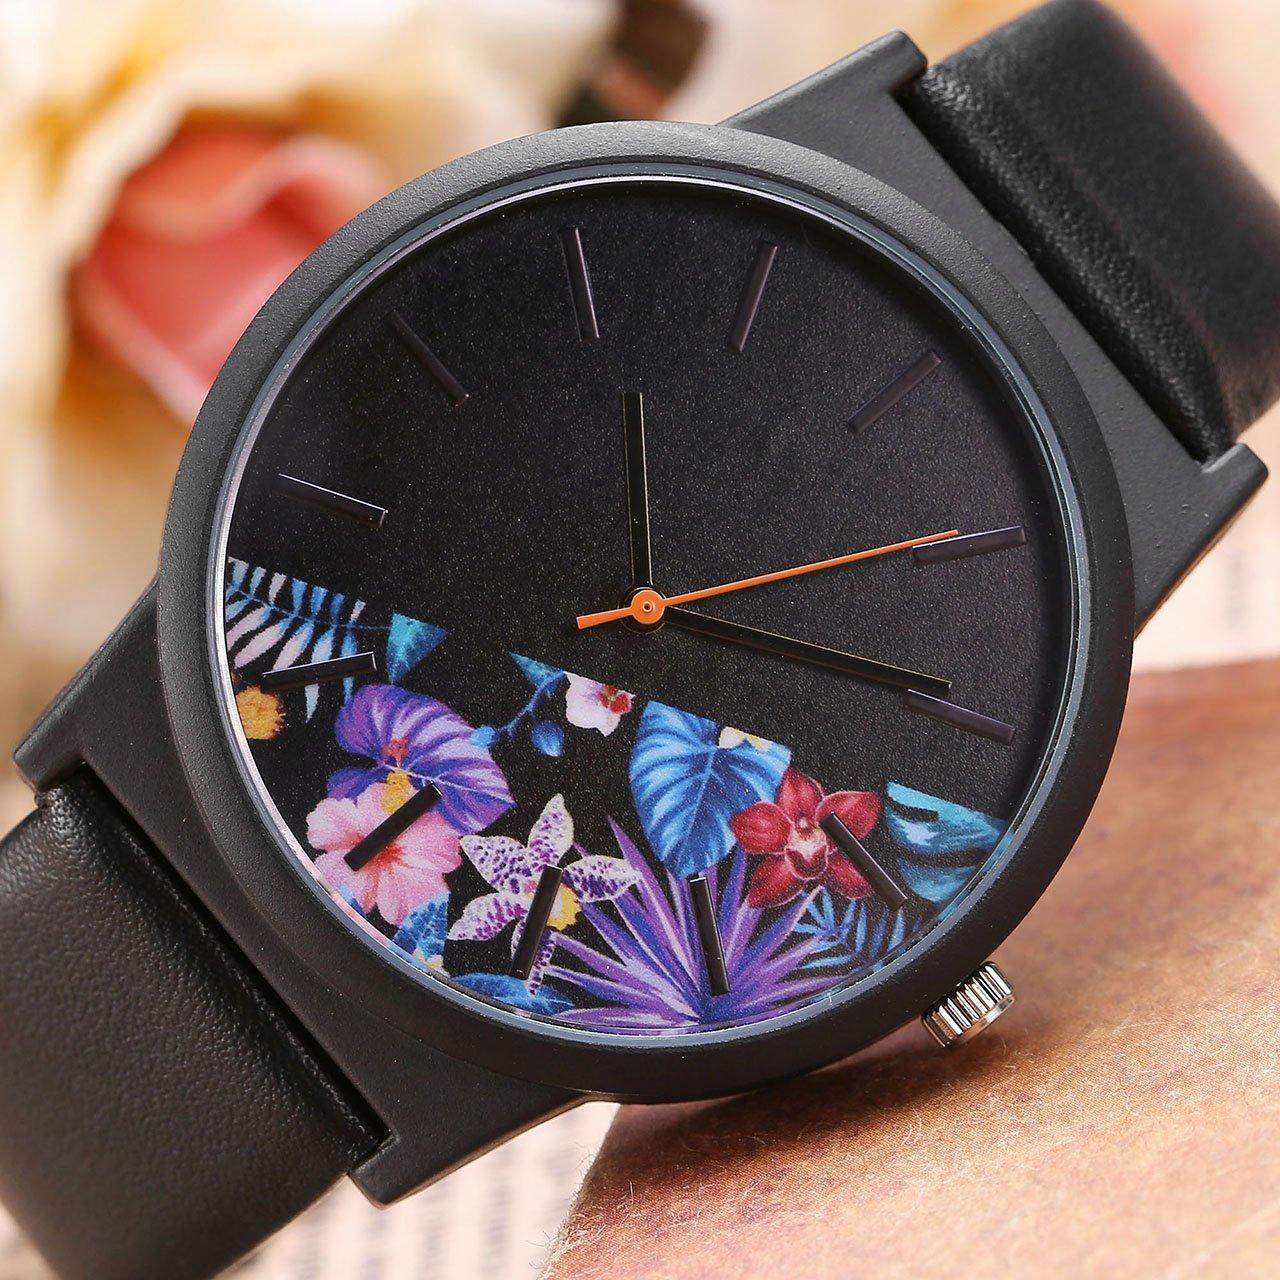 JSDDE Montre à Quartz Femme Fille Basel style Montre-bracelet moitié violet Bleues fleurs Noir Cadran Bracelet PU cuir(Noir)